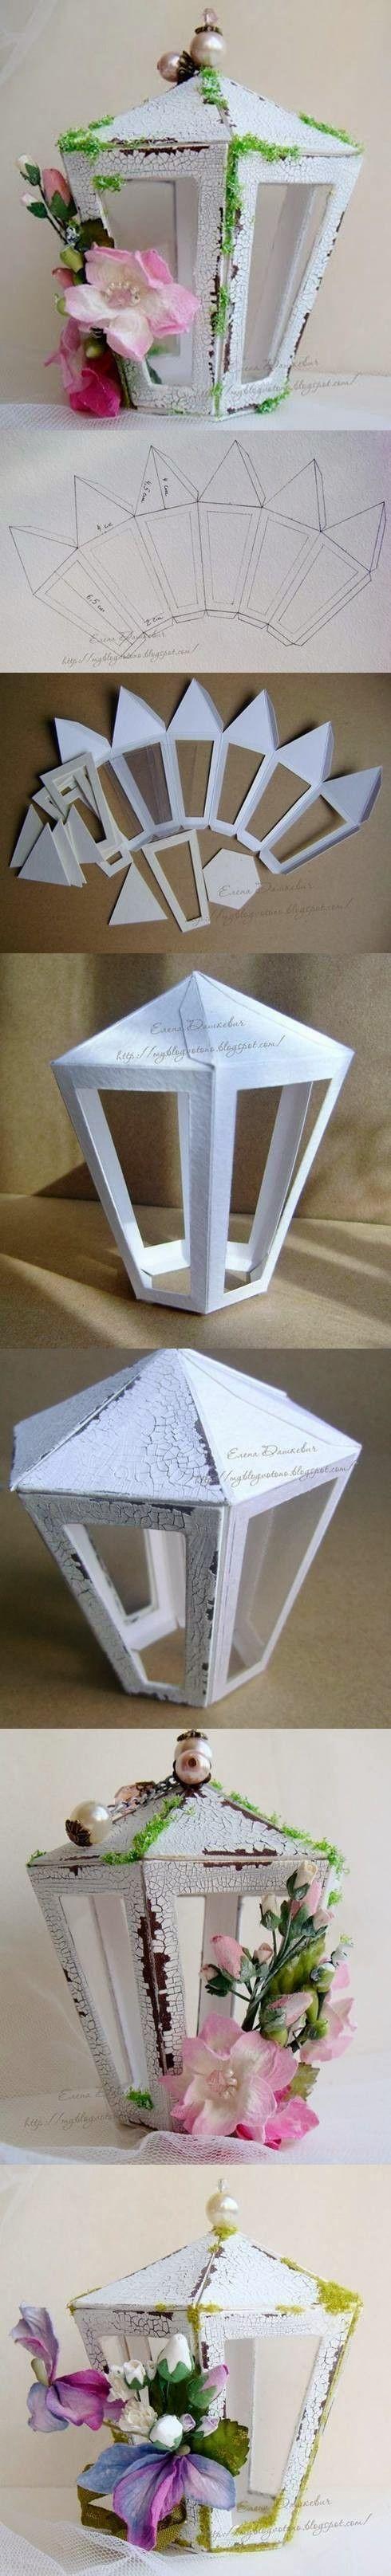 DIY-Cardboard-Latern-Template.jpg (490×3232)